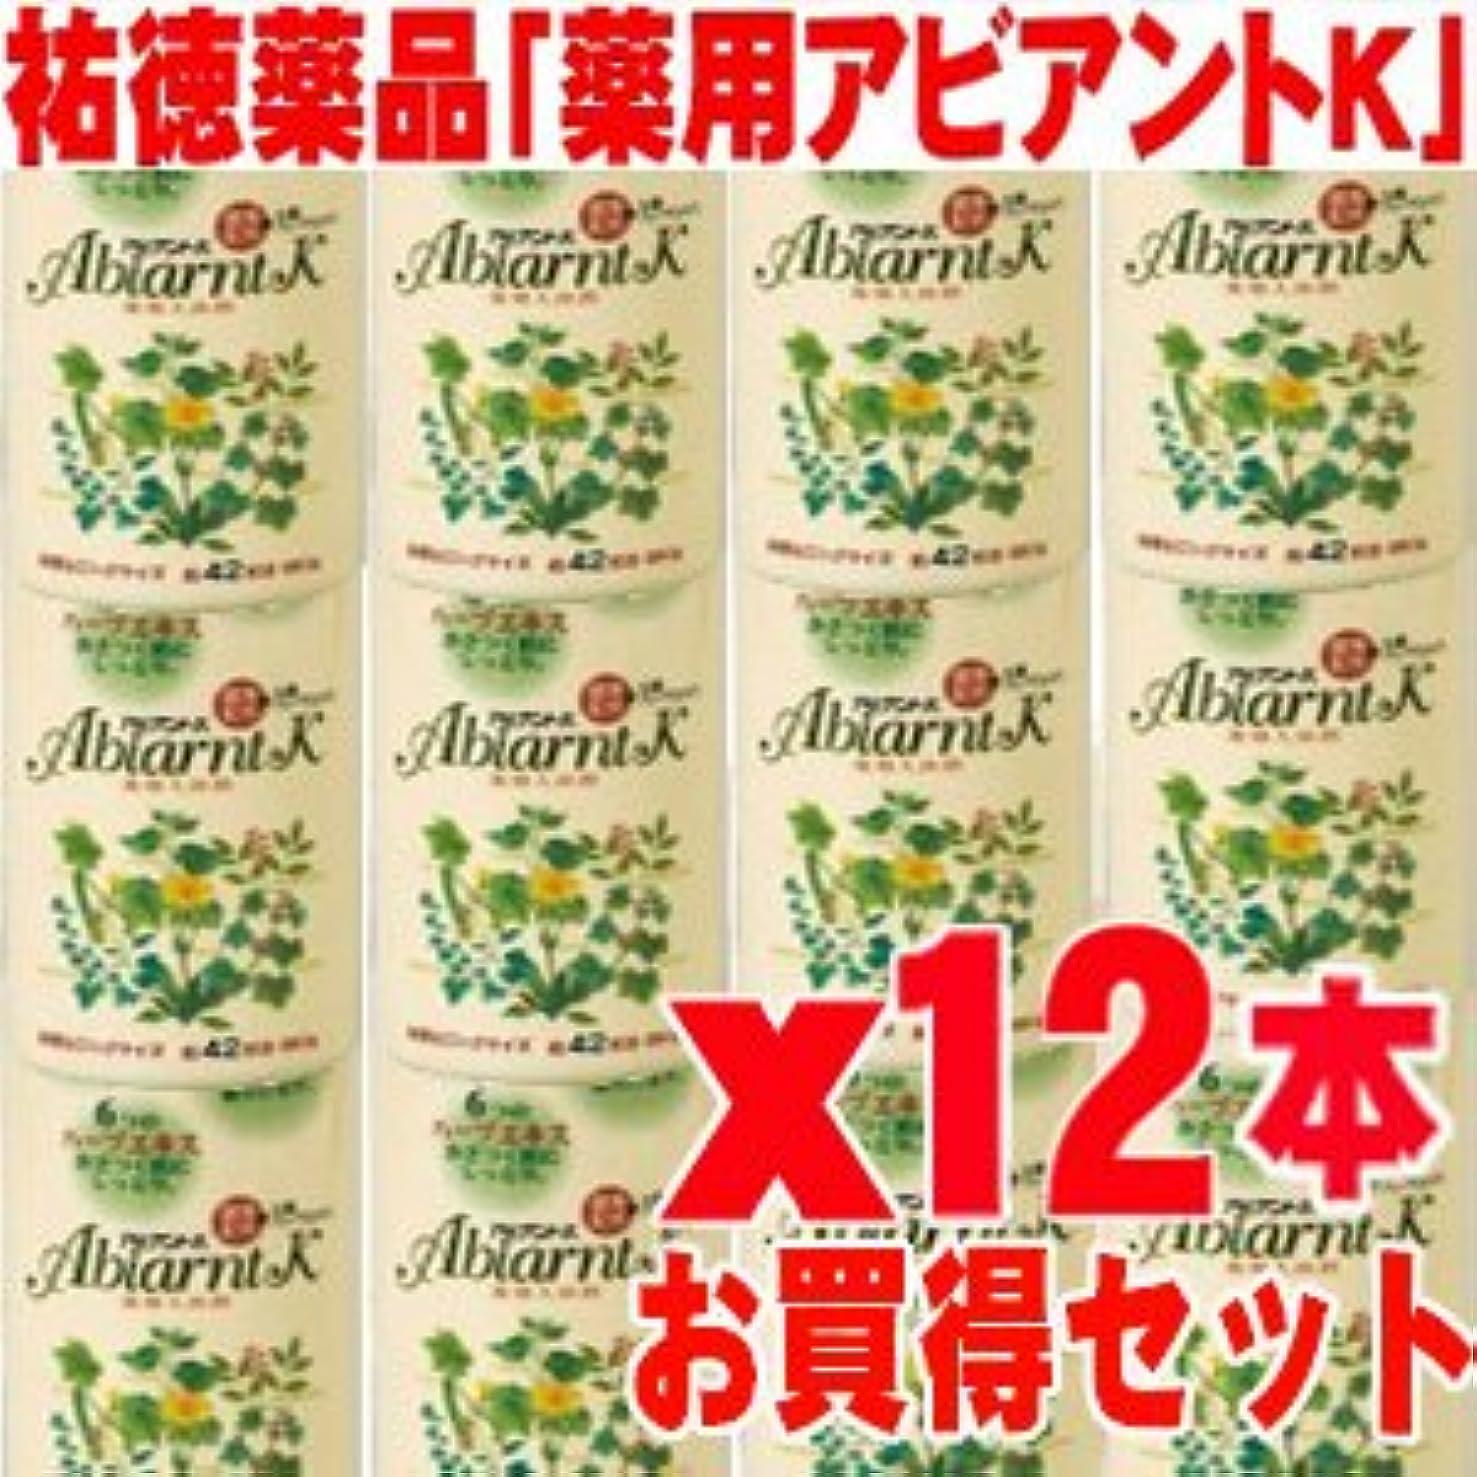 賢明なラボアーティストアビアントK 薬用入浴剤 850gx12本 (総合計10.2kg)4987235024123